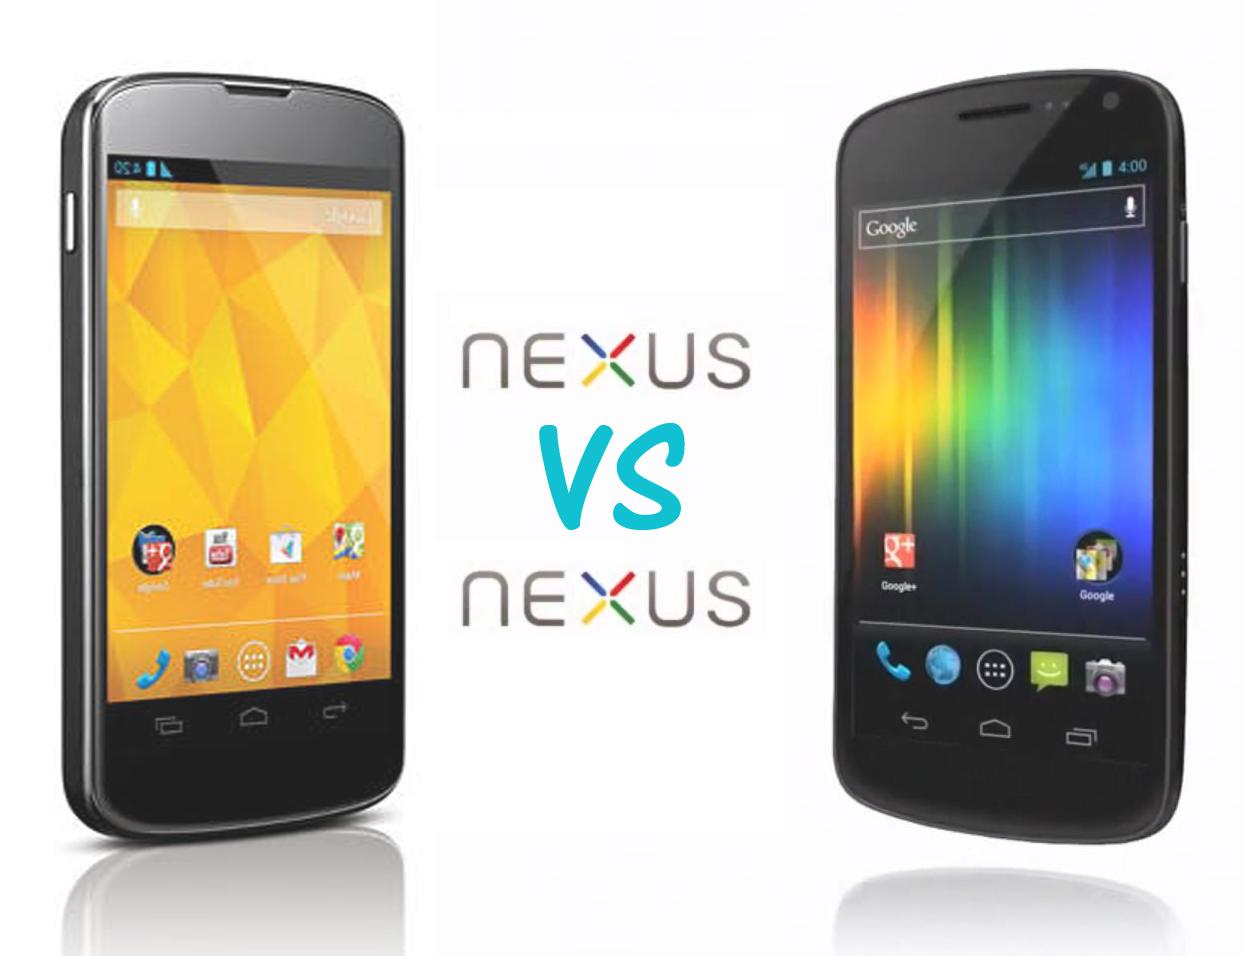 nexus vs nexus